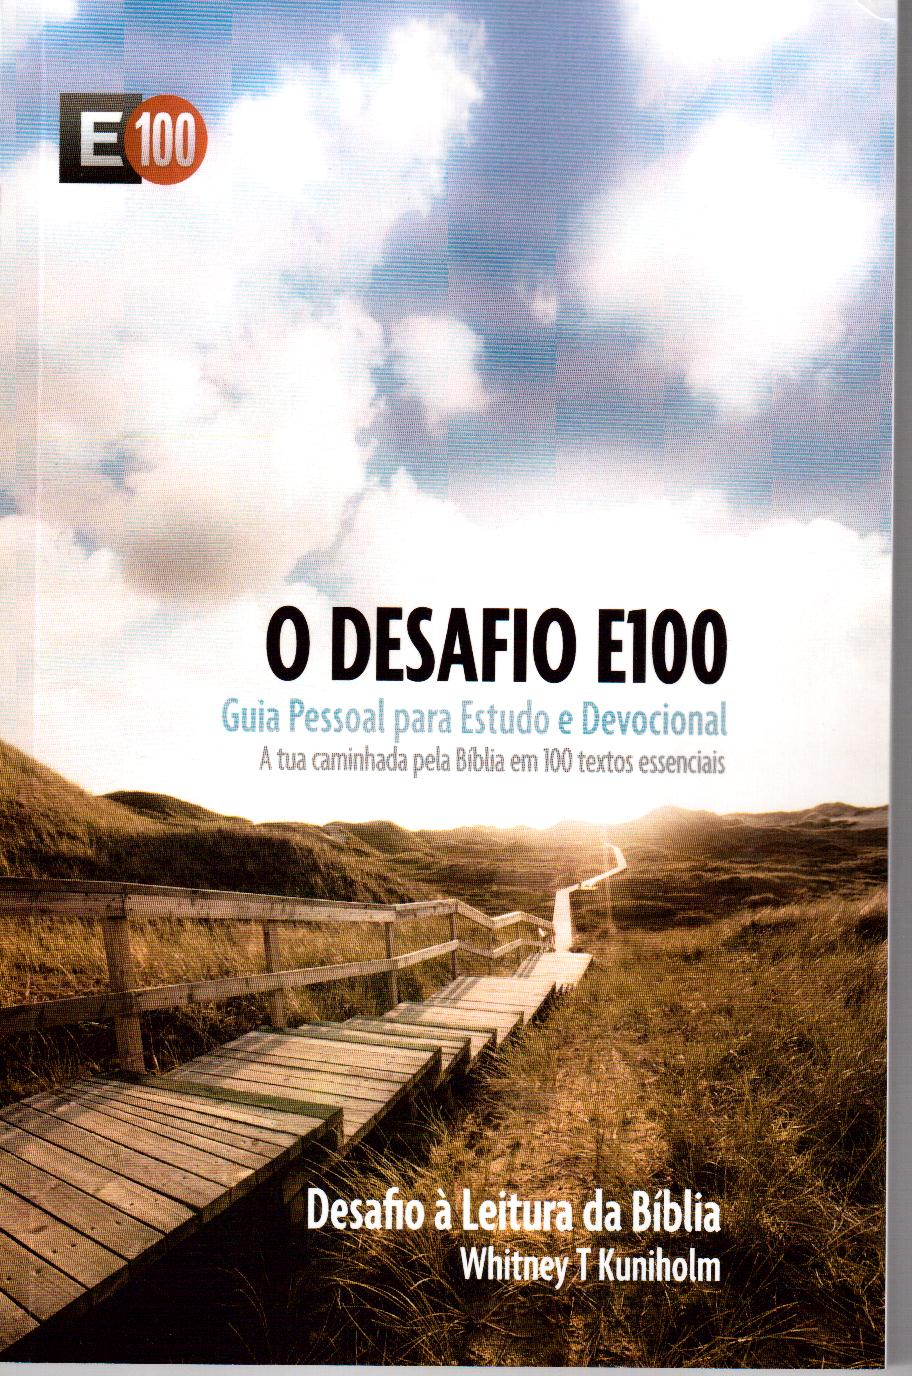 Desafio E100 - Guia Pessoal para Estudo e Devocional